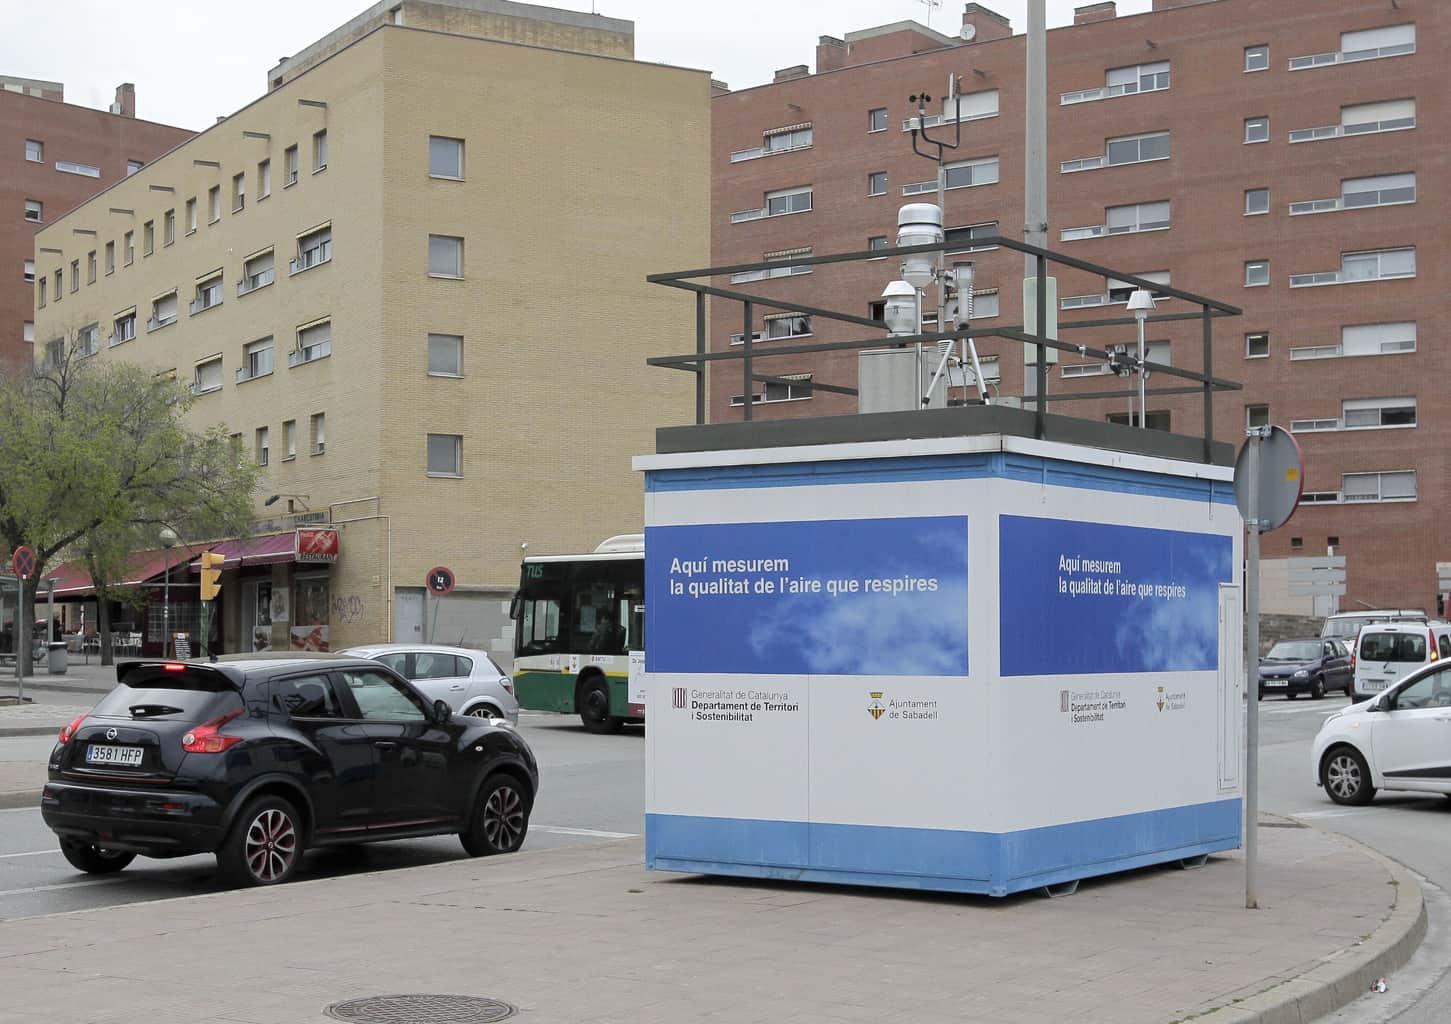 Els nivells de contaminació de l'aire es mantenen estables a la ciutat